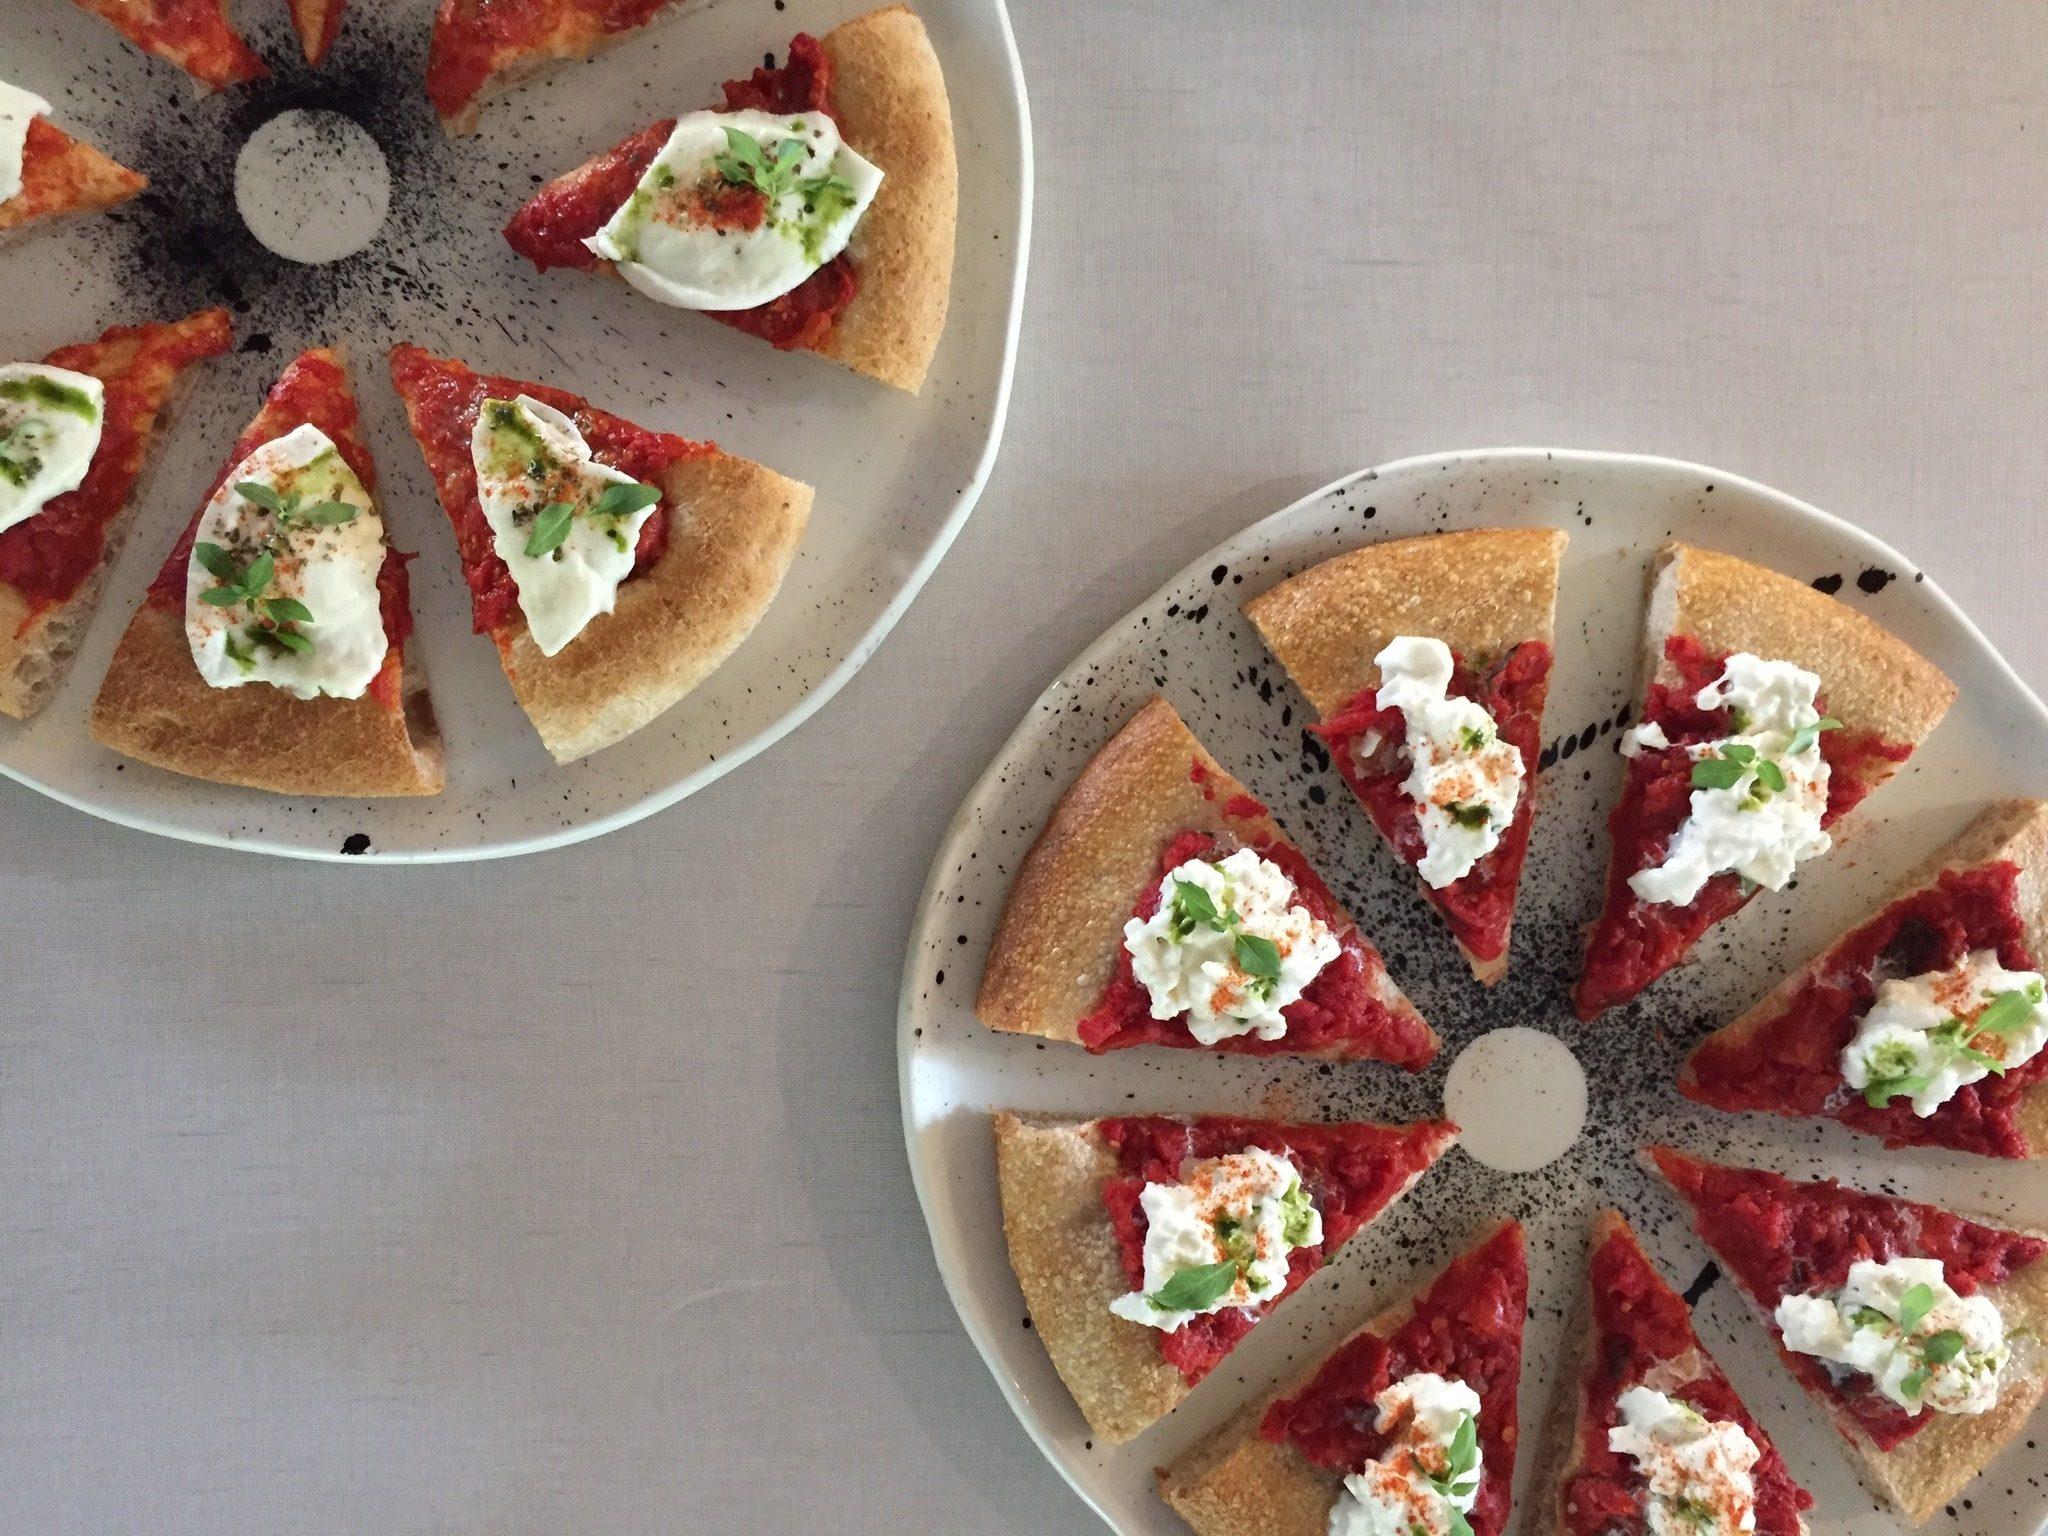 Guida Pizzerie del Gambero Rosso: Padoan e Pepe i migliori d'Italia ancora una volta